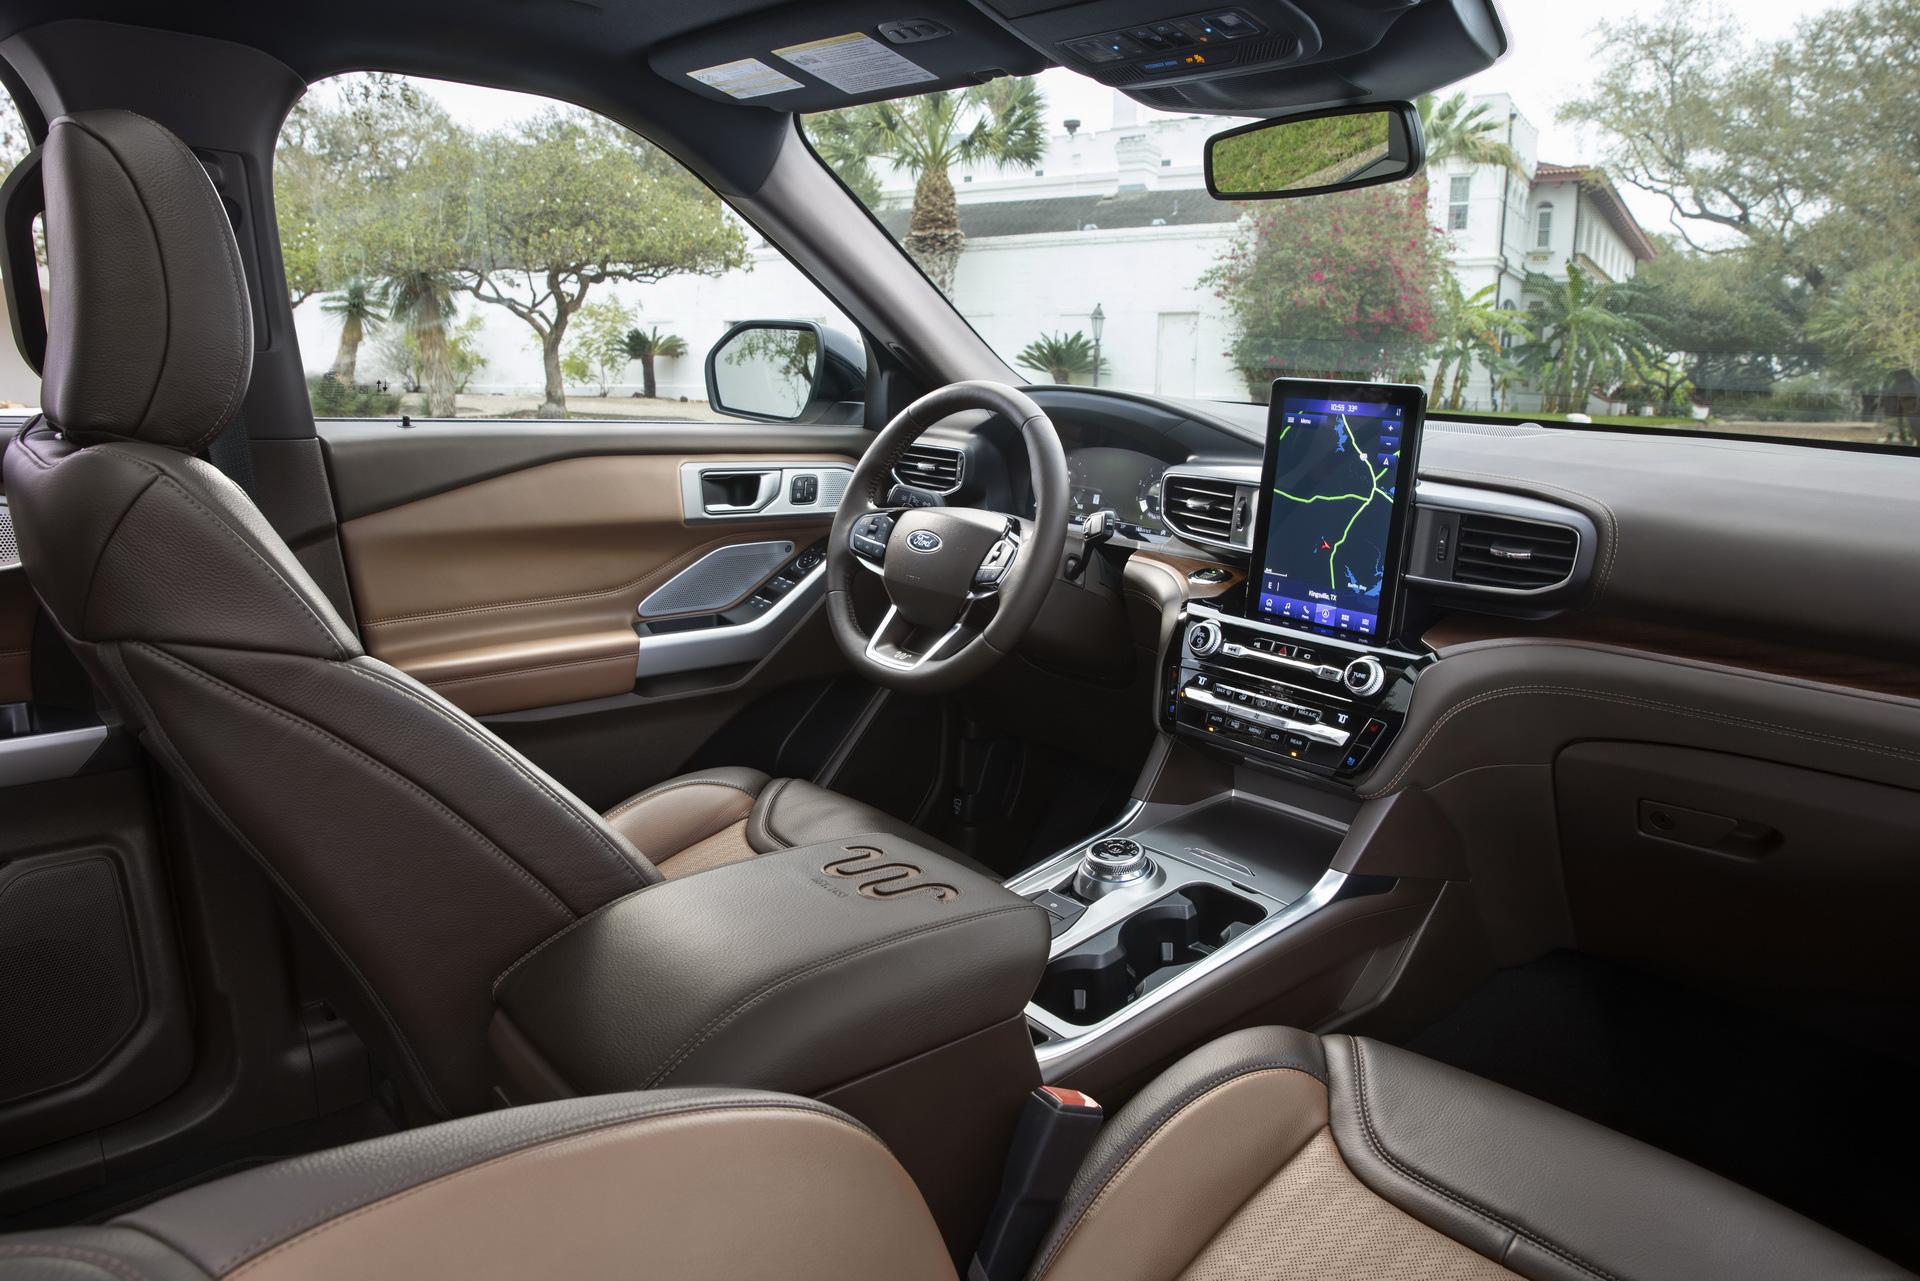 Ford tung dòng SUV khiến Honda CR-V, Mazda CX-5 lo lắng - Ảnh 4.